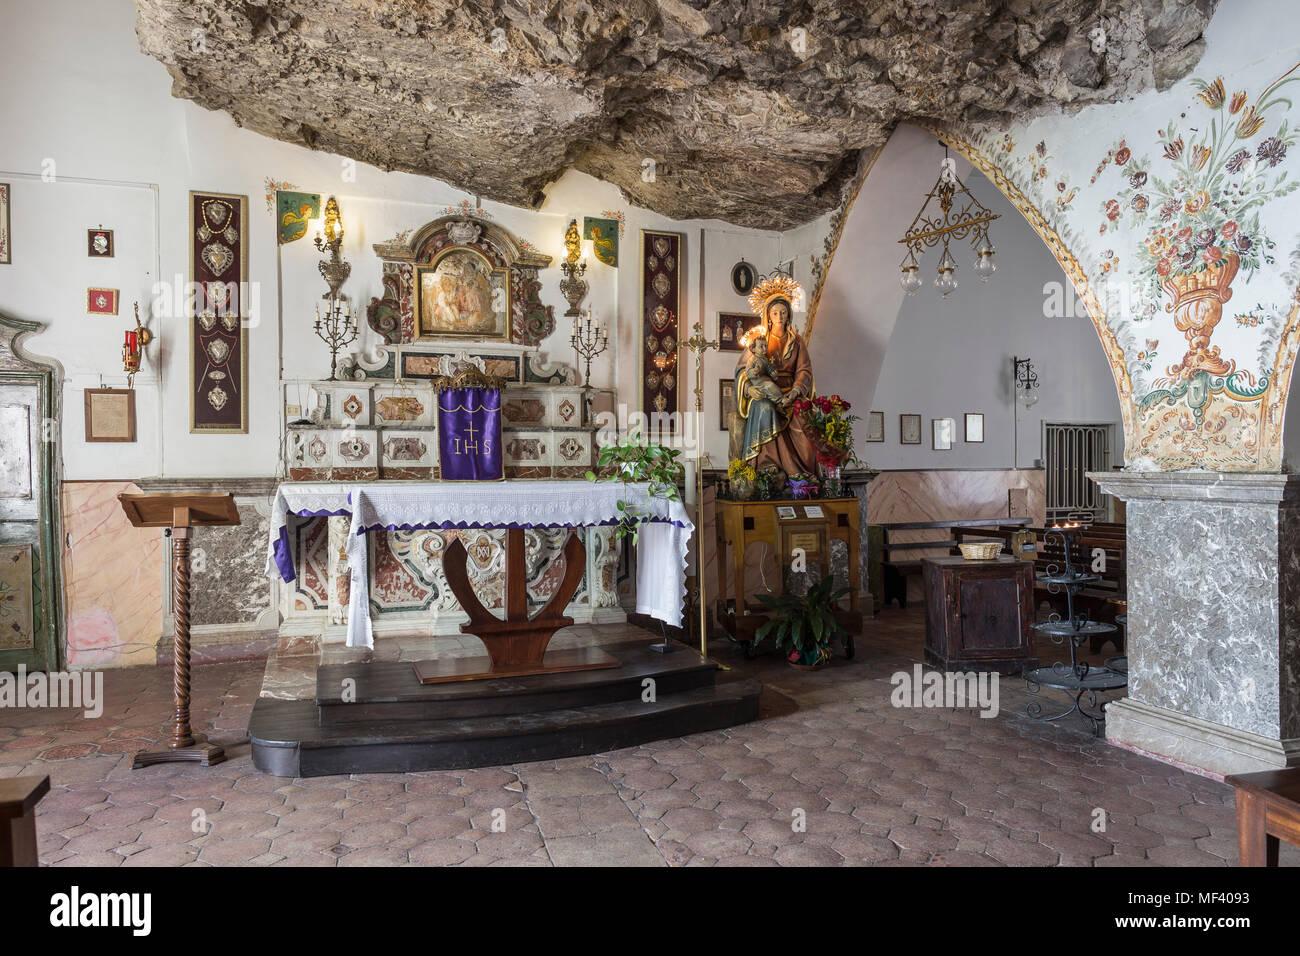 Inside the Madonna della Rocca sanctuary, Taormina, Sicily. - Stock Image